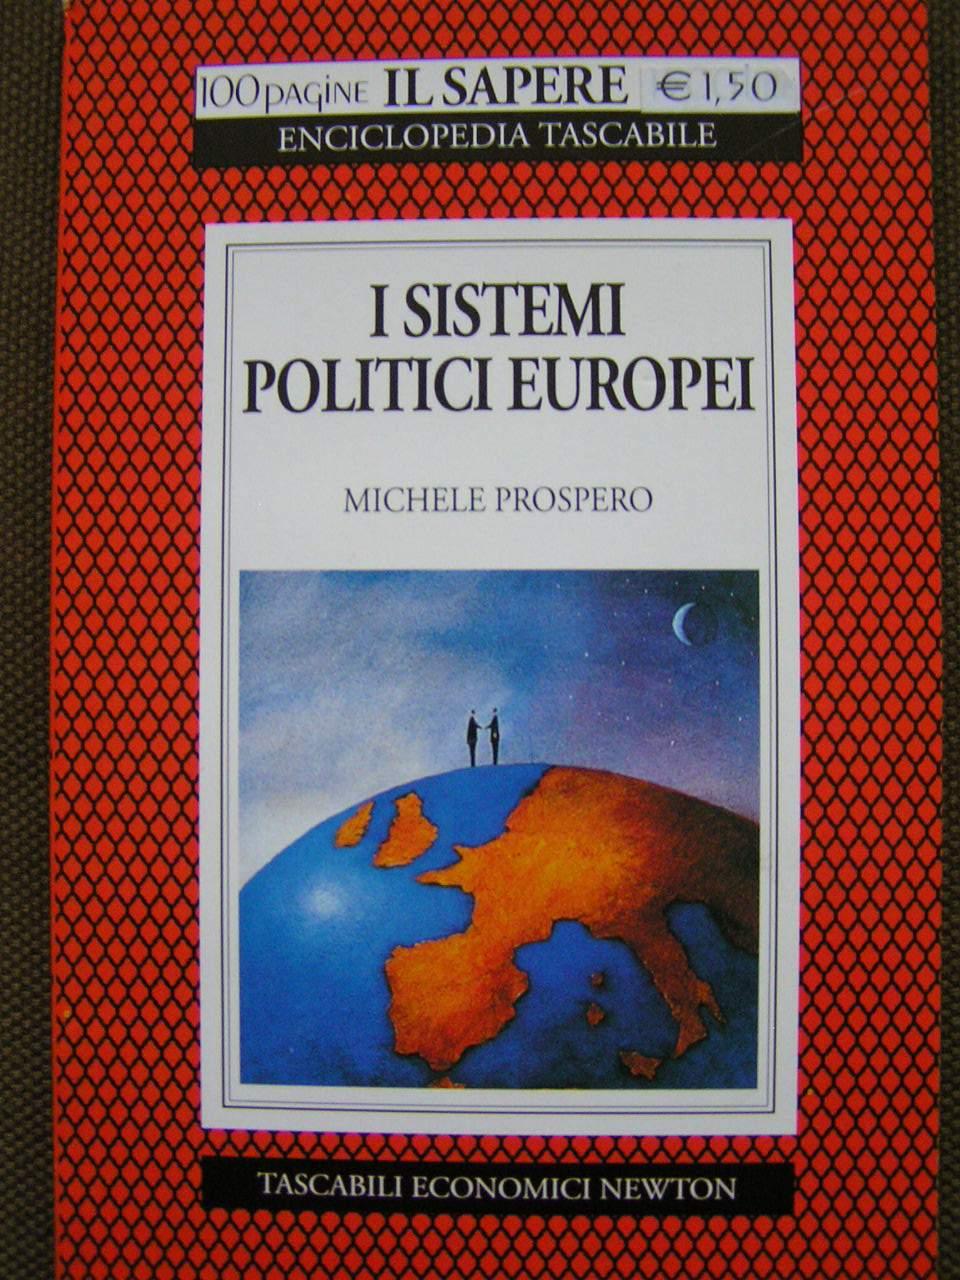 I sistemi politici europei